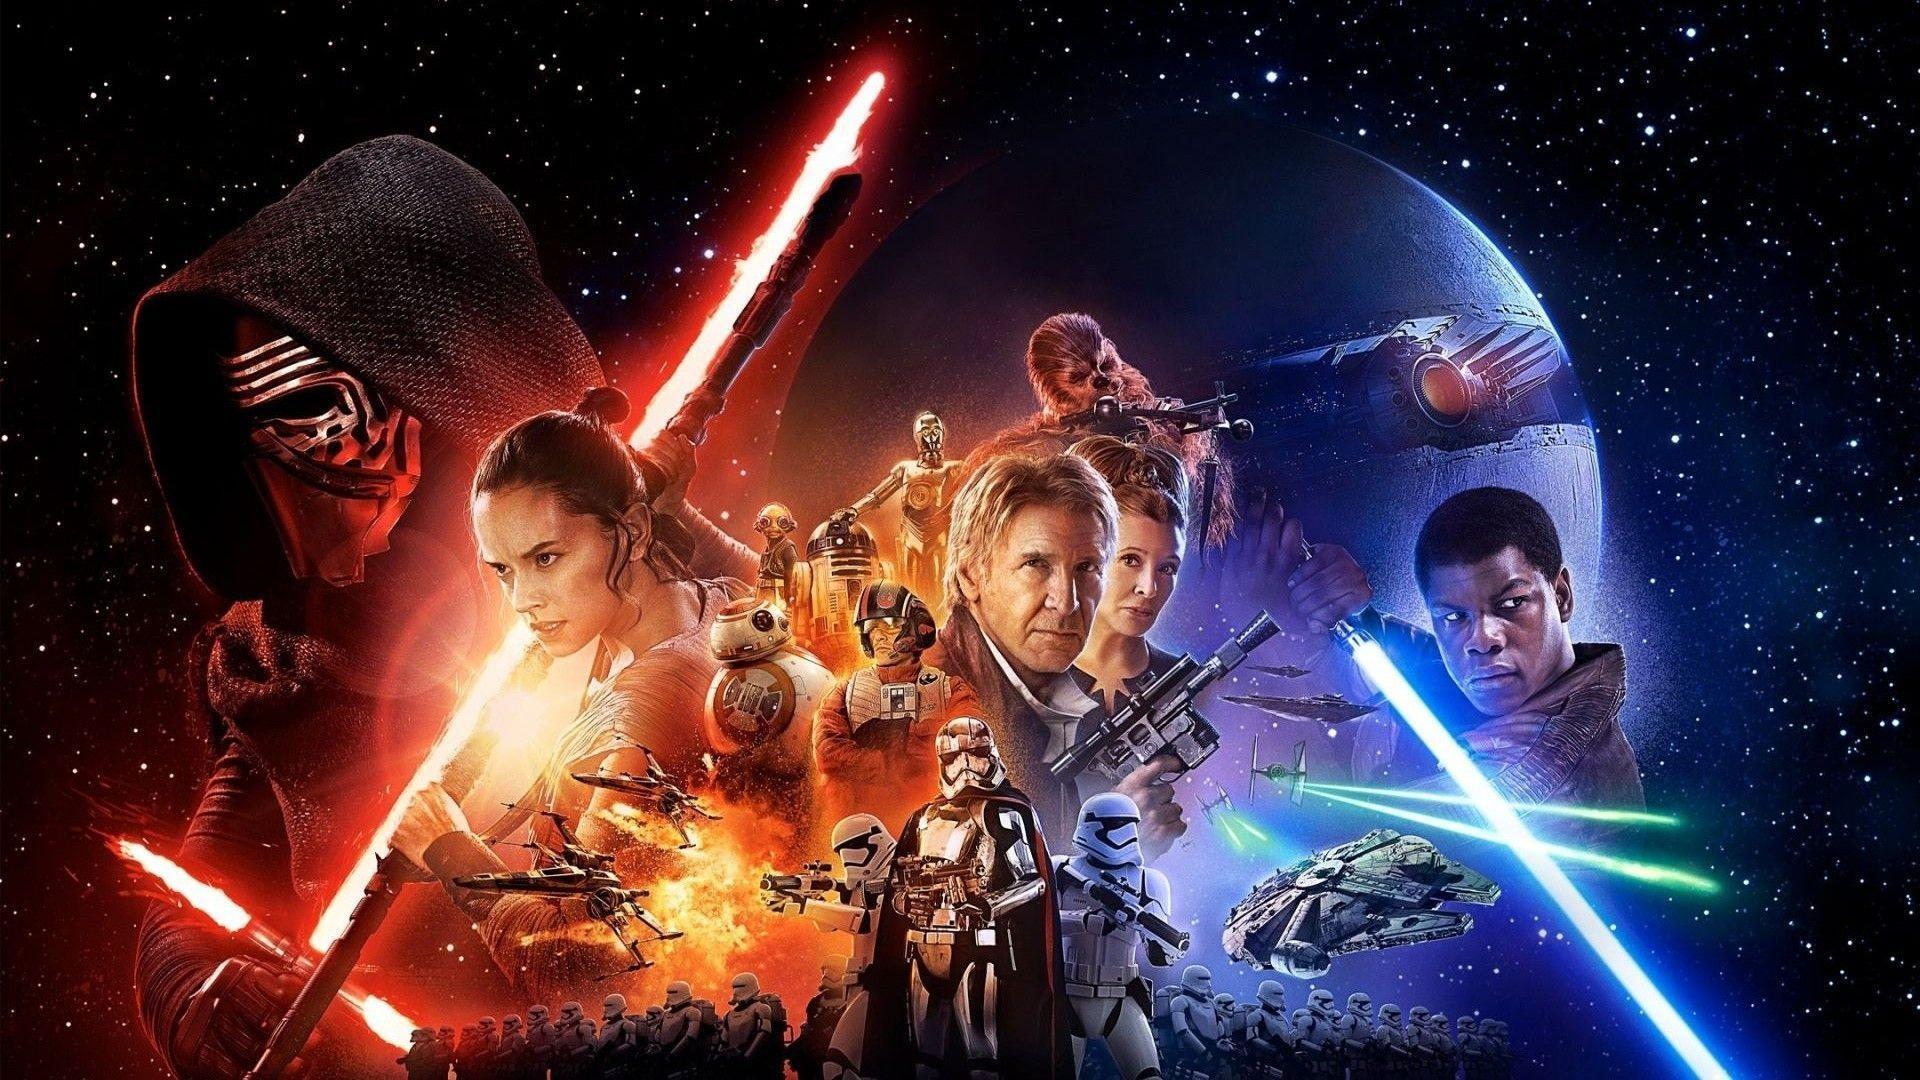 Star Wars – The Force Awakens wallpaper – HD Wallpaper Expert